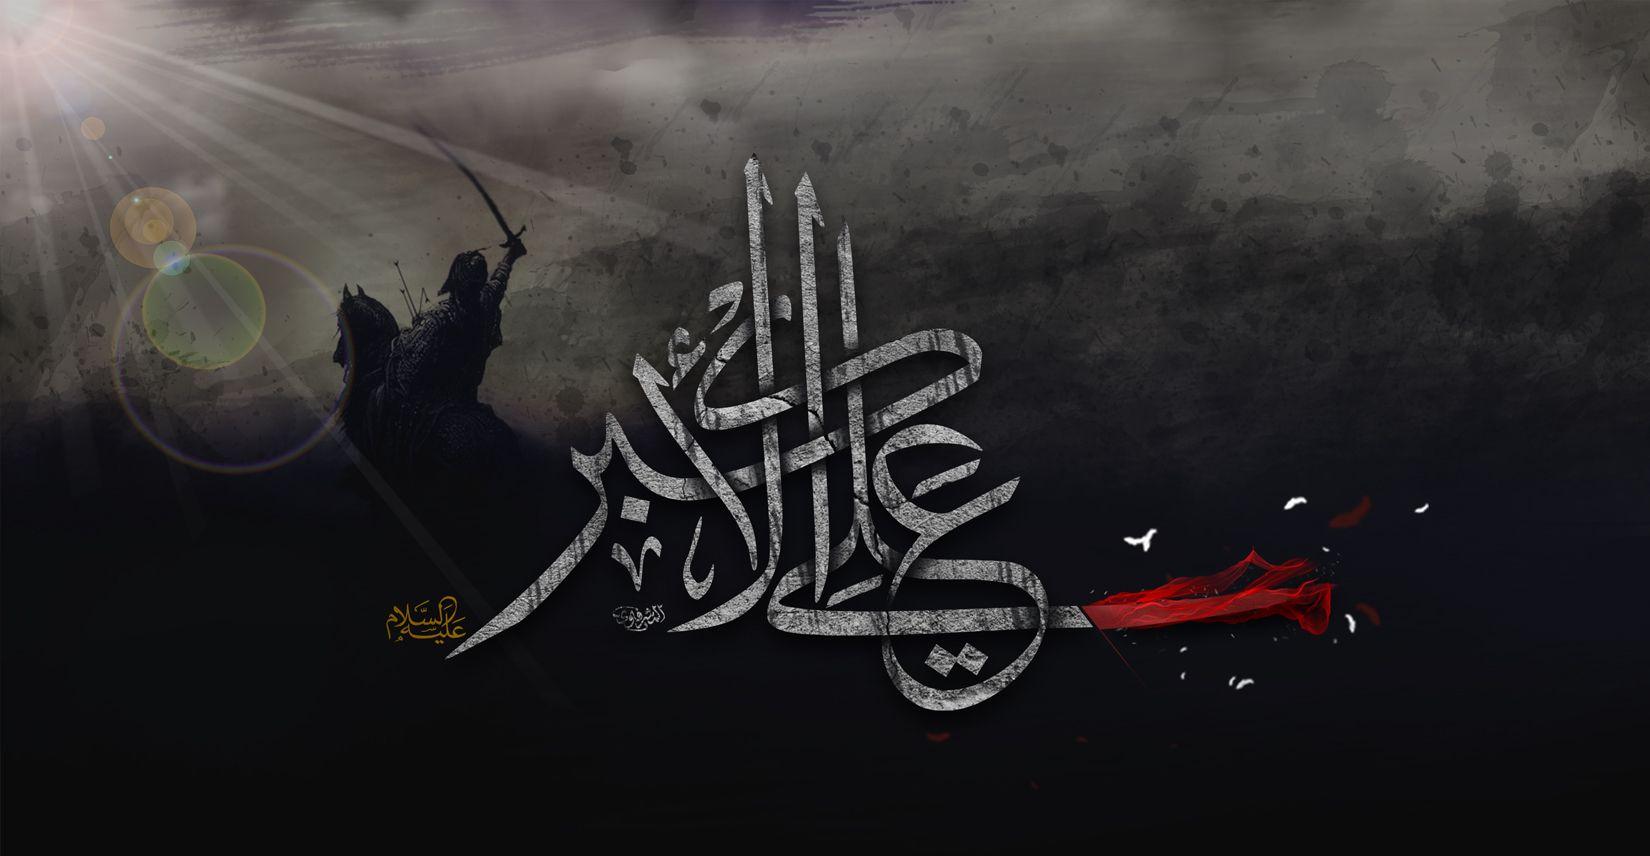 علي الاكبر عليه السلام Movie Posters Arabic Calligraphy Poster